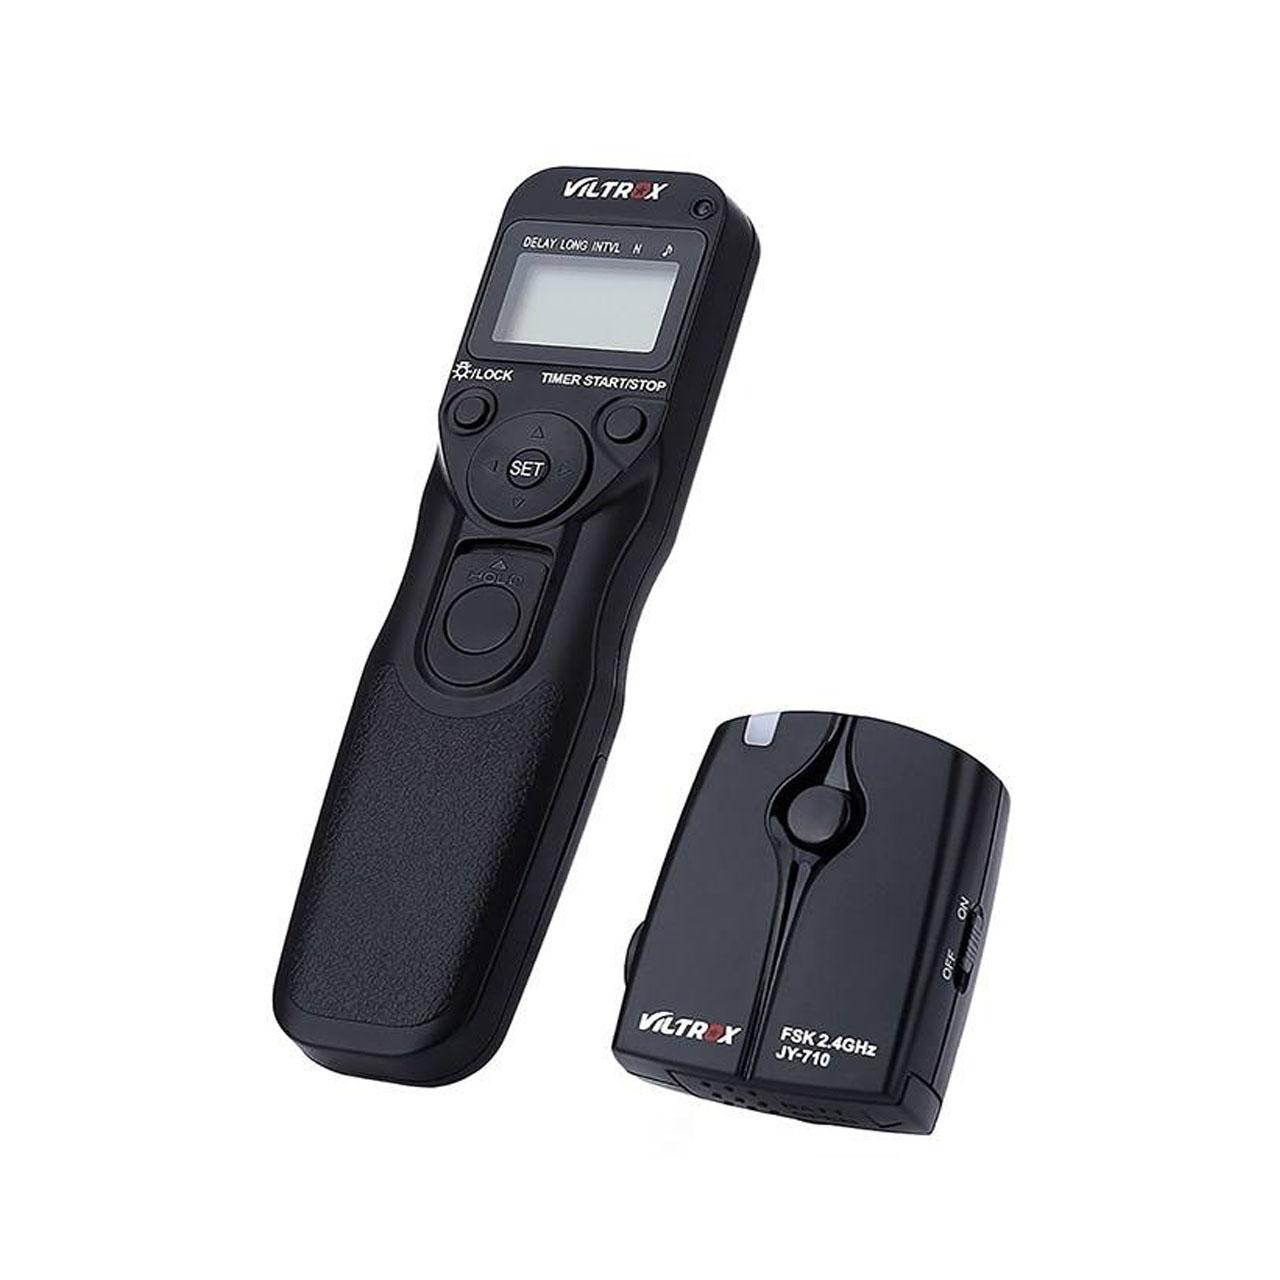 ریموت کنترل بی سیم دوربین ویلتروکس مدل JY-710 C 3 مناسب برای دوربین های کانن